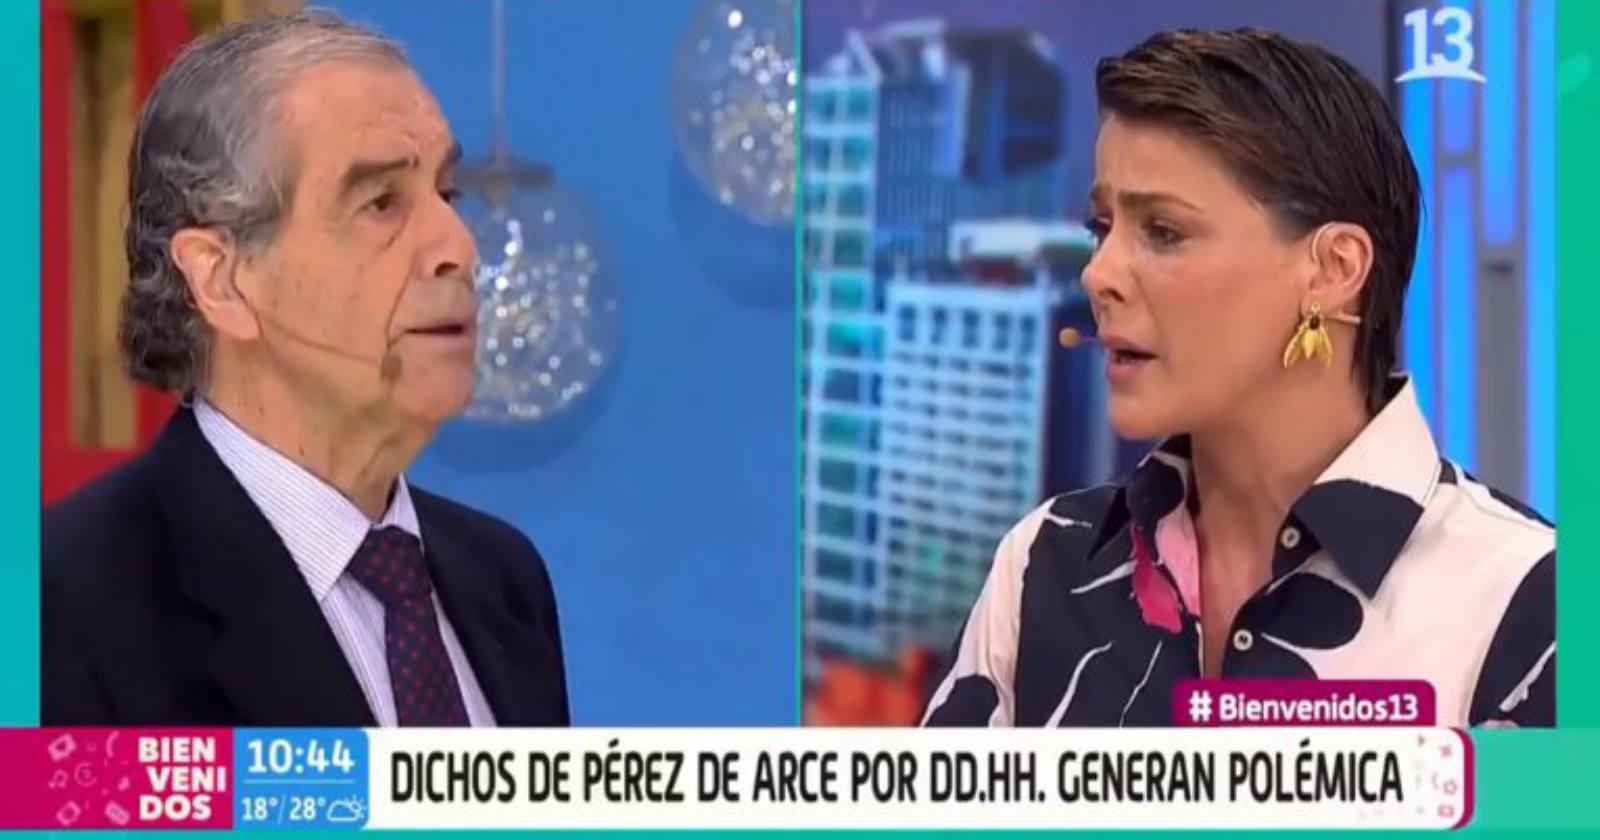 Golpe a Canal 13 por expulsión de Hermógenes Pérez de Arce del Bienvenidos